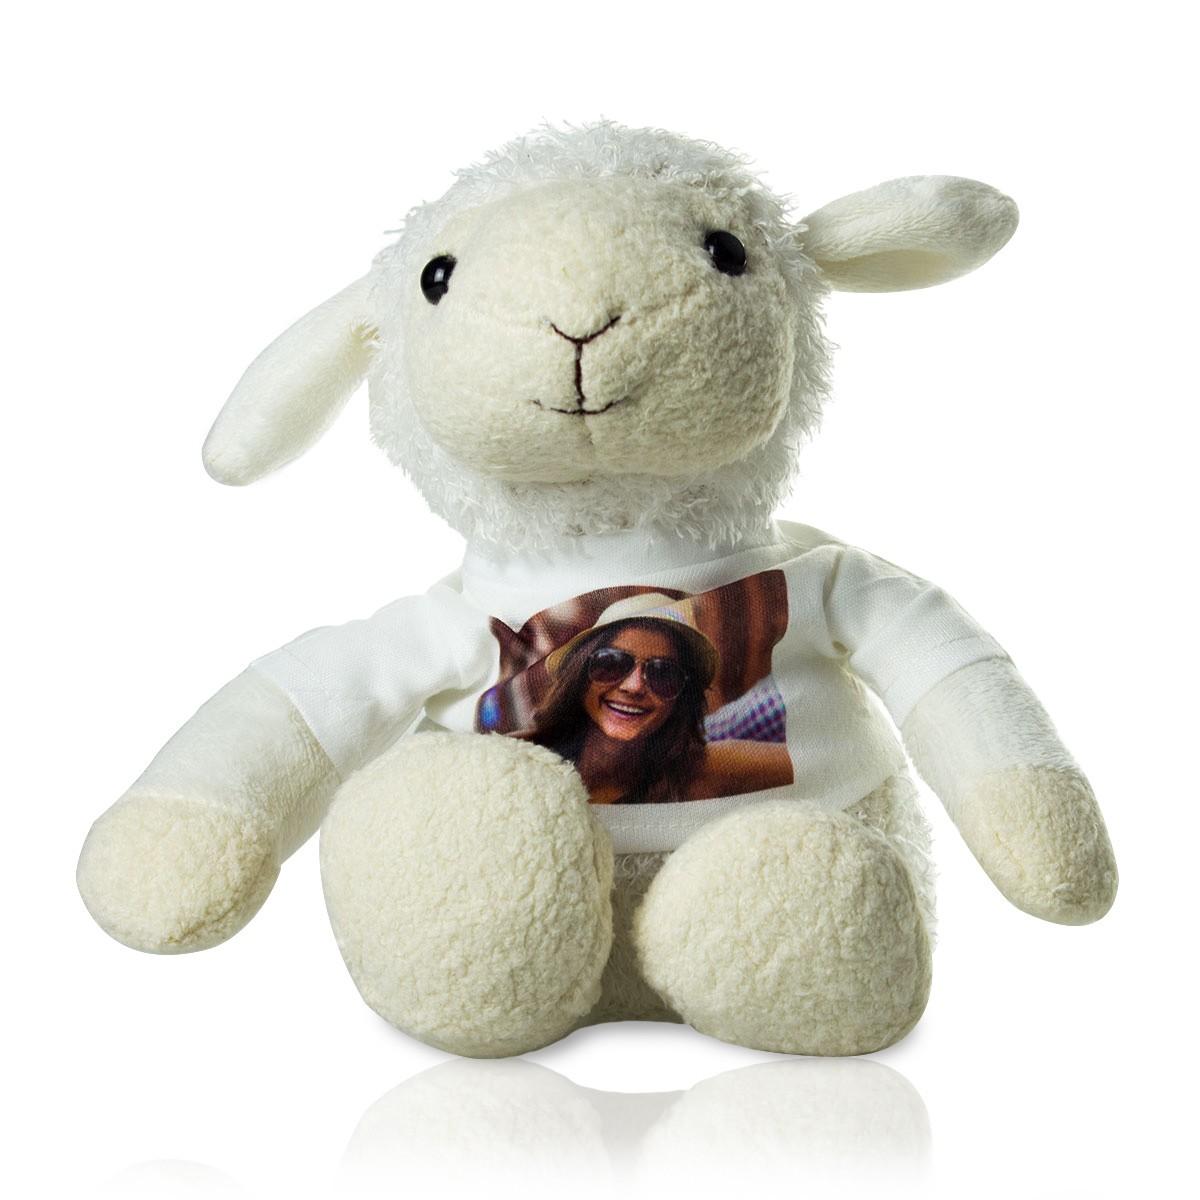 Pluszowa owieczka ze zdjęciem